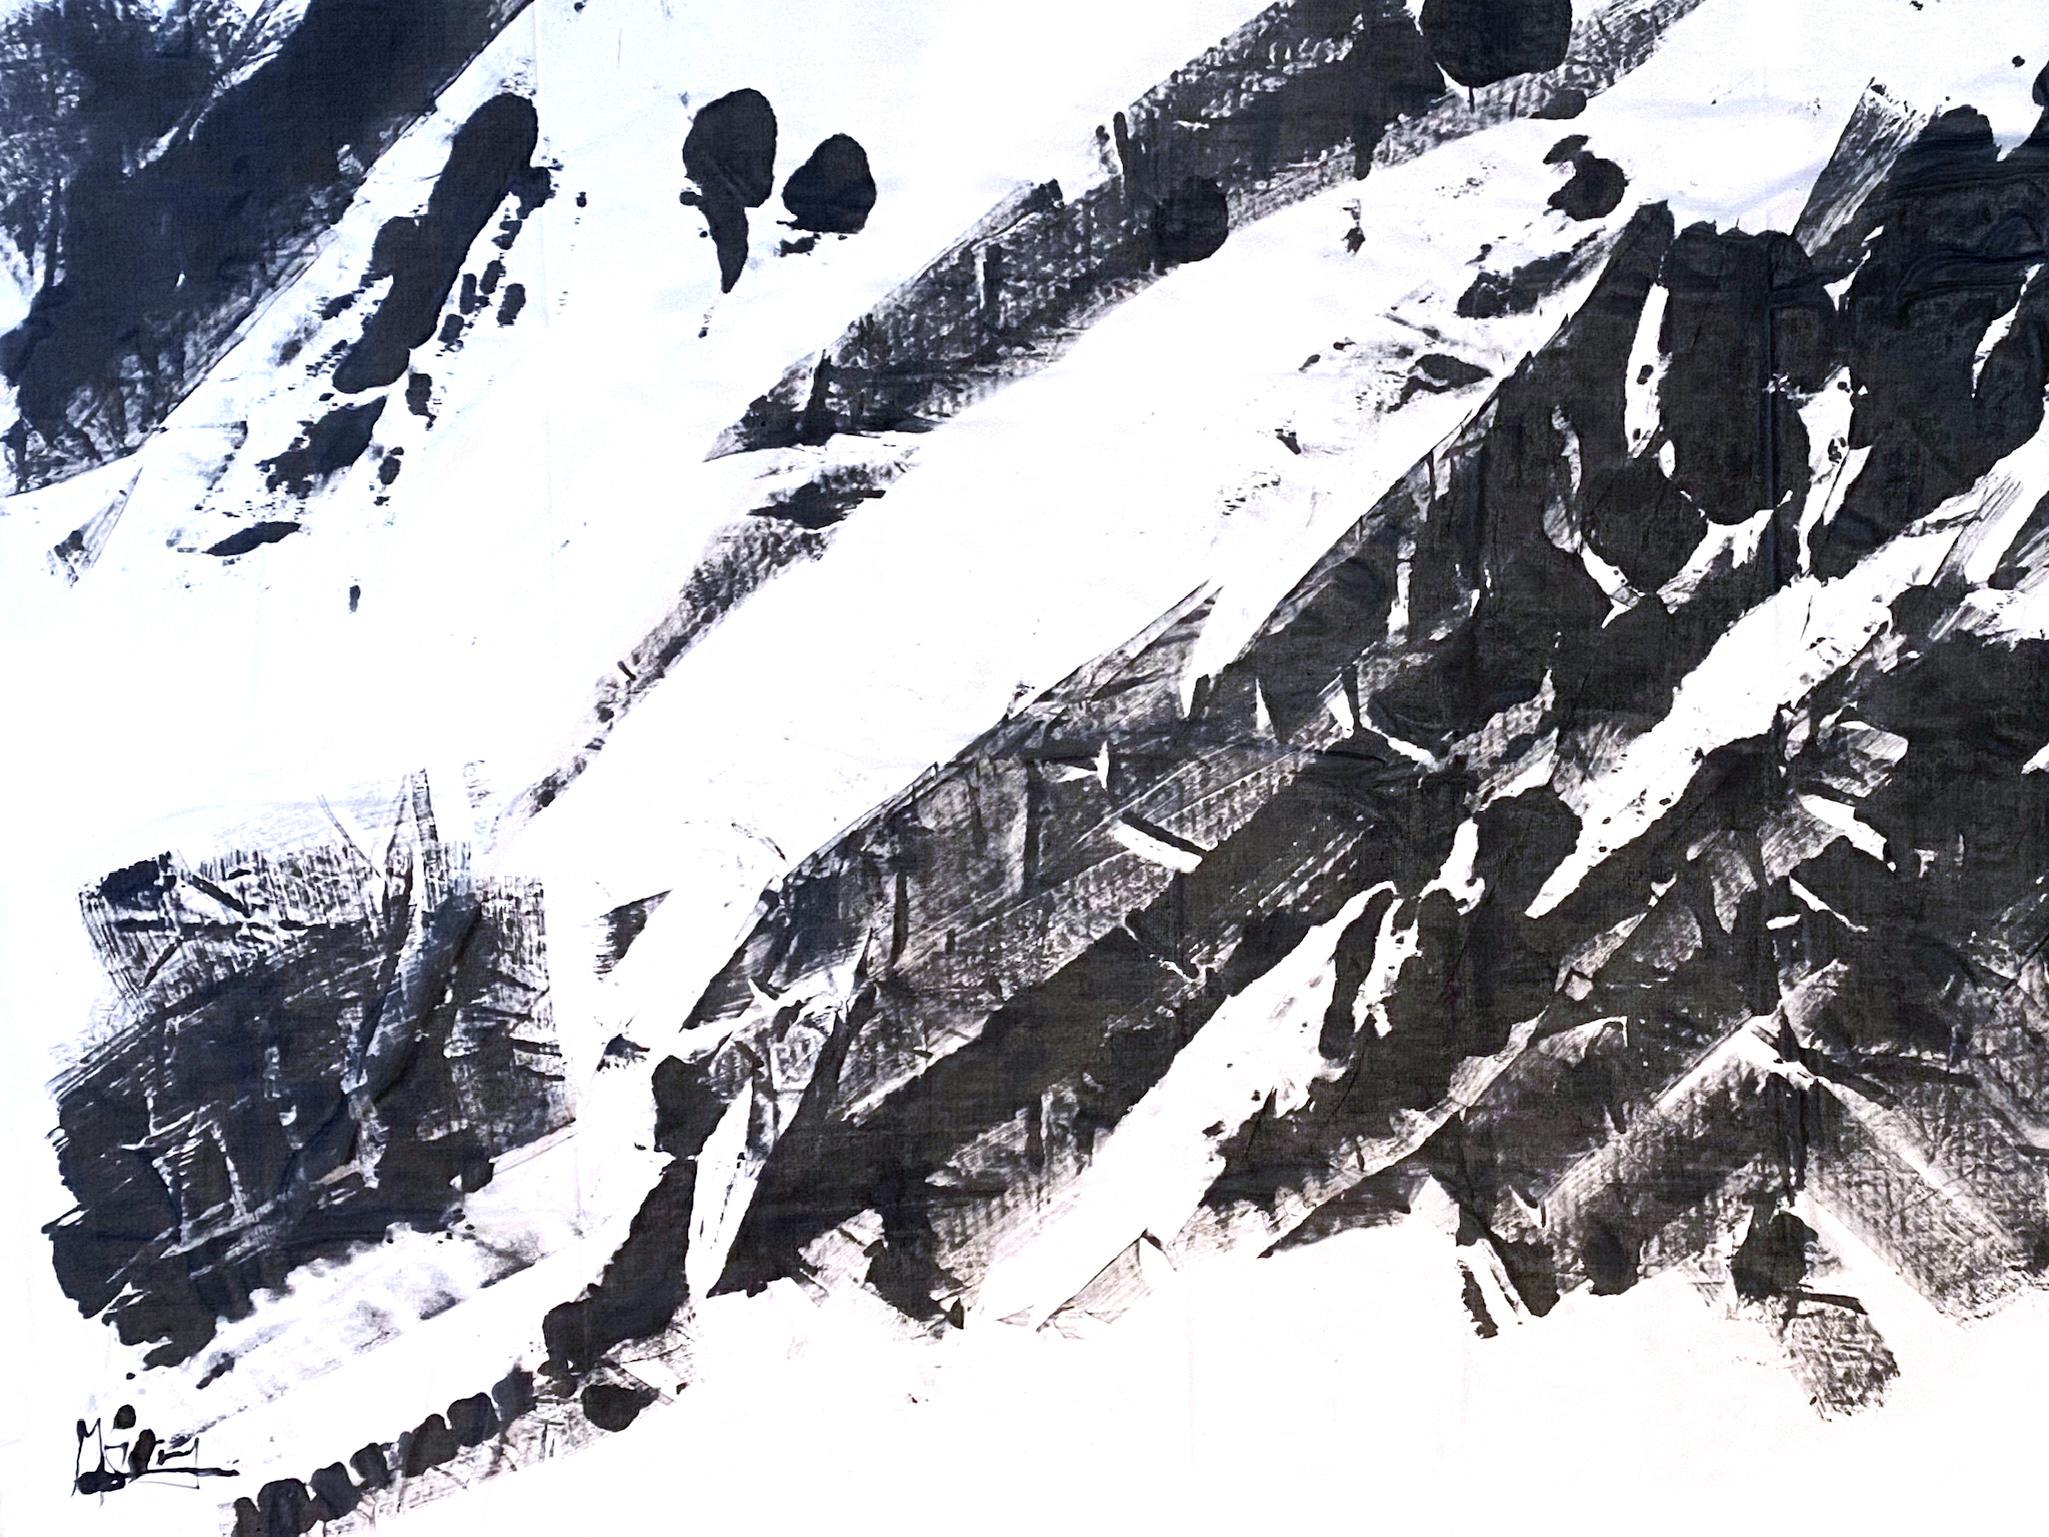 [売約済][着るARTストール]PLAIN CORNICE STOLE【SILKシルク】1117SILK-HP [登録意匠][送料/税込]48